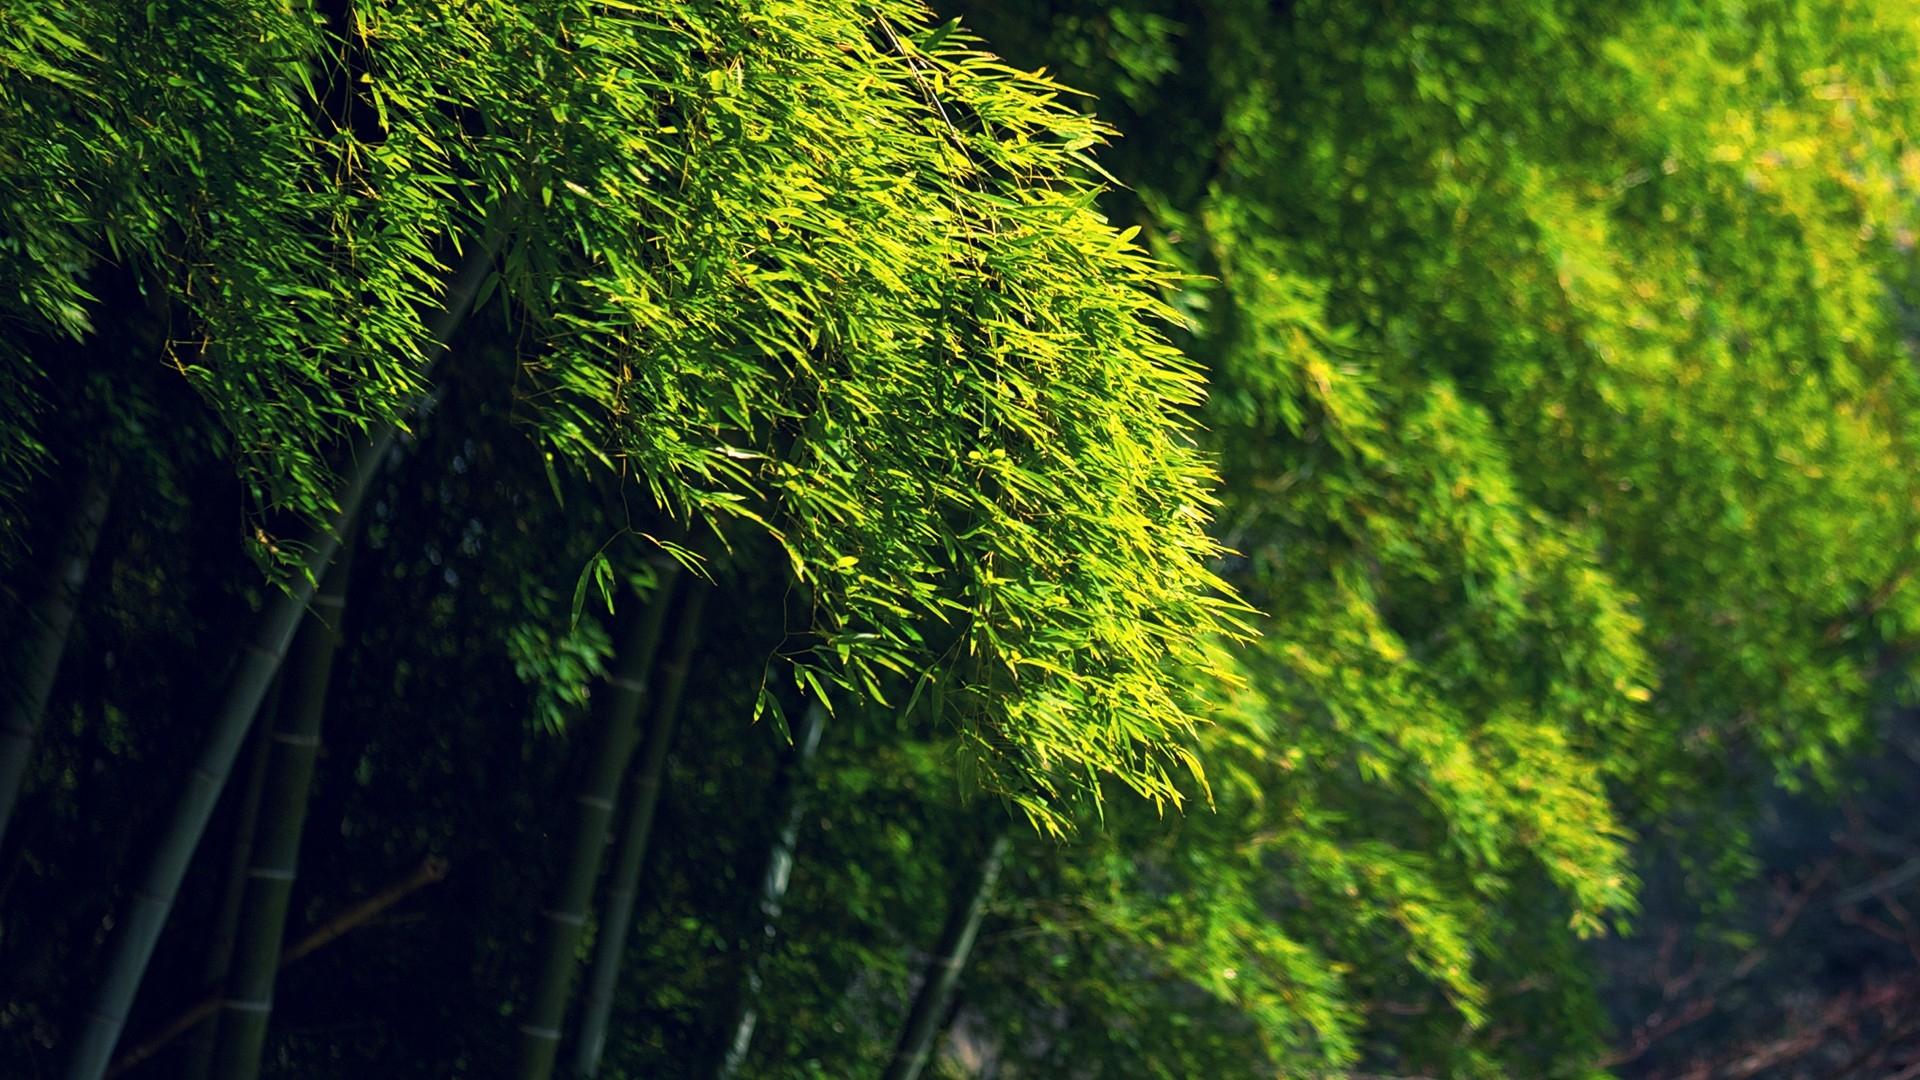 green bamboo wallpaper - wallpapersafari